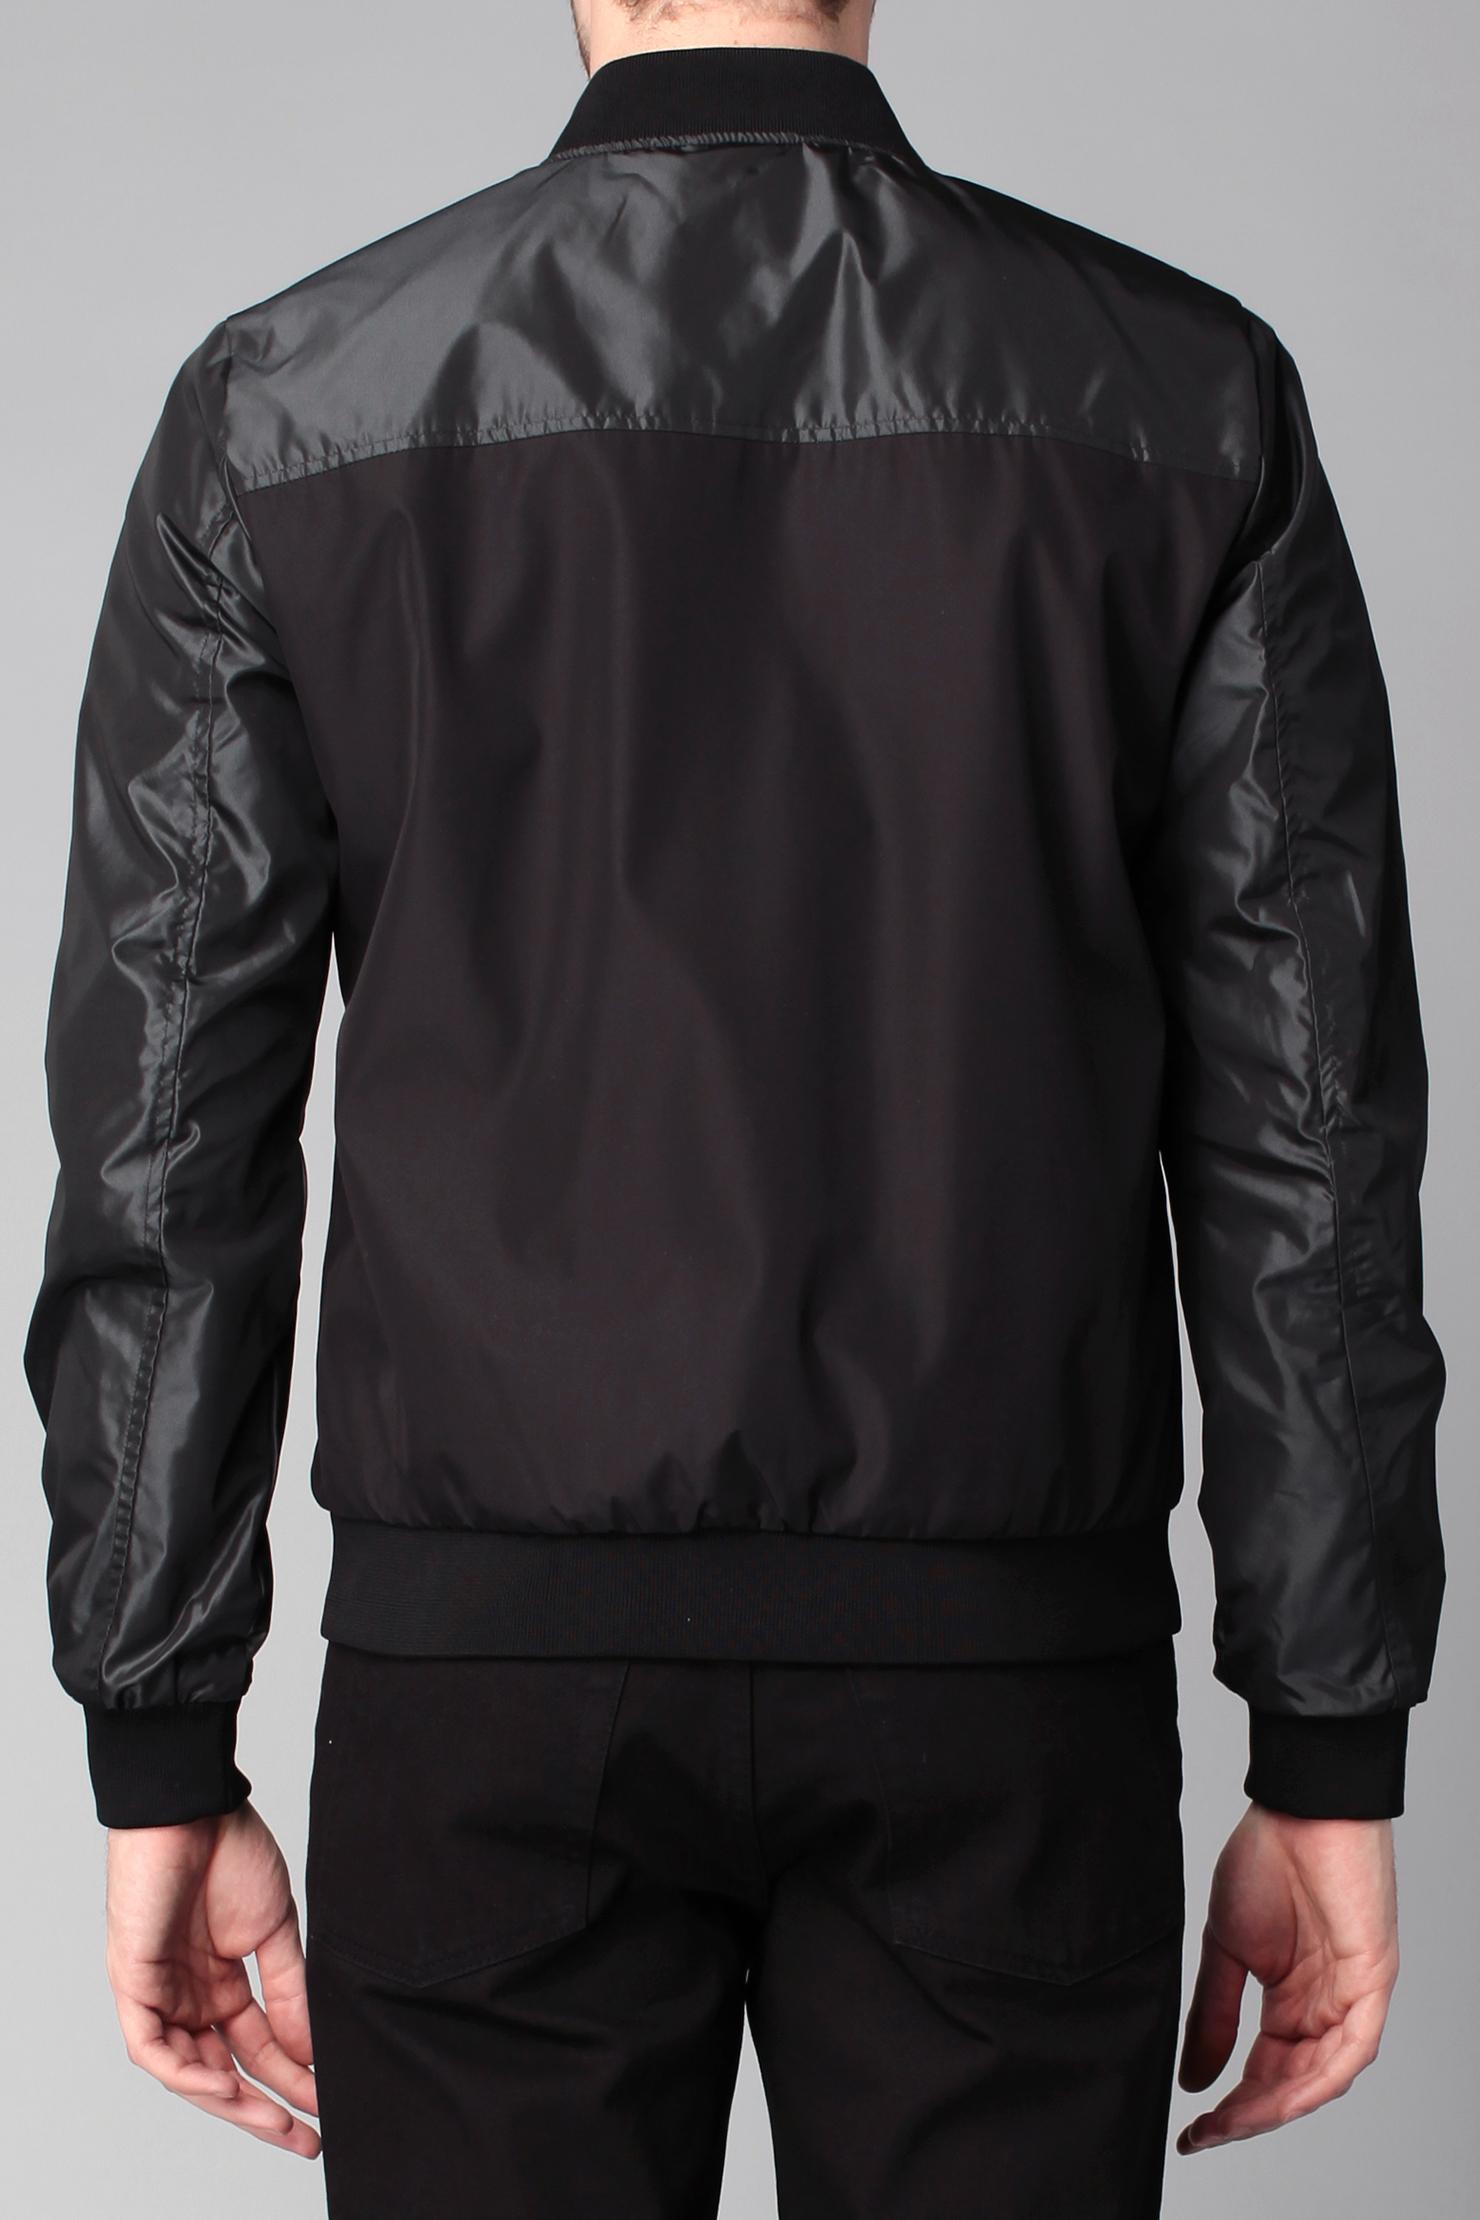 jack jones zipped jacket in black for men lyst. Black Bedroom Furniture Sets. Home Design Ideas